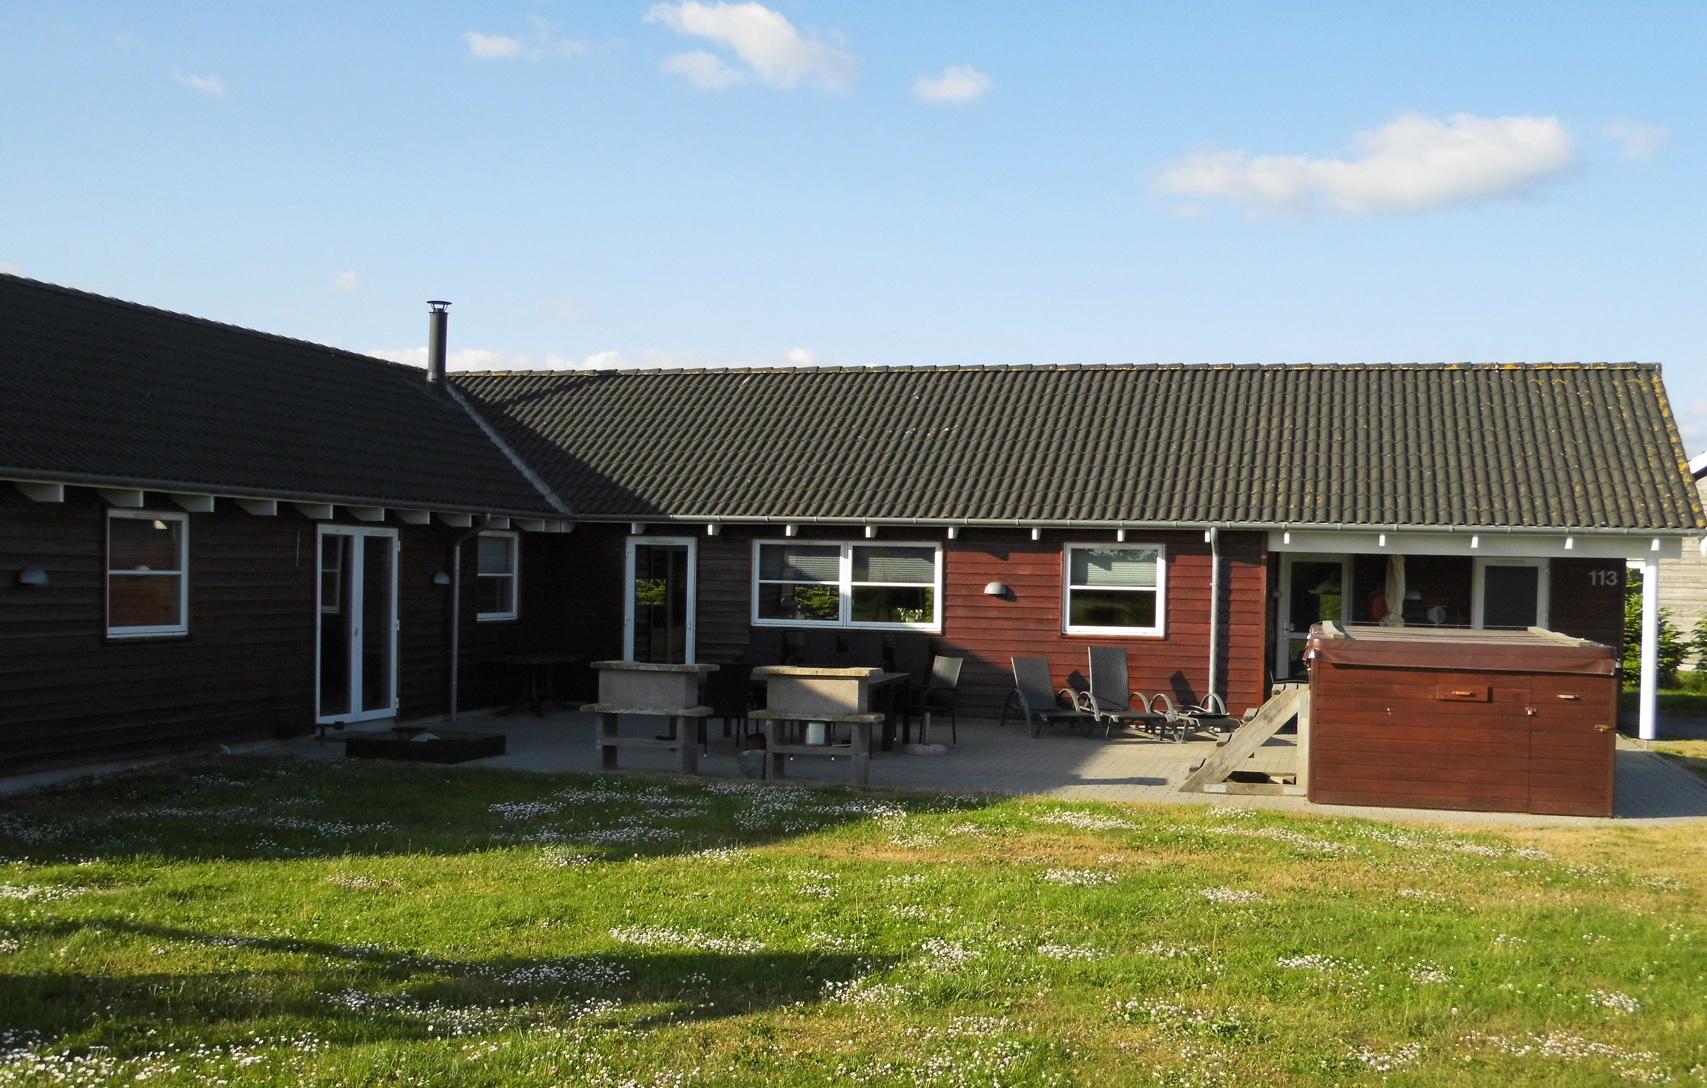 Udlejning Wellnesshus Marielyst, mørkerød hus